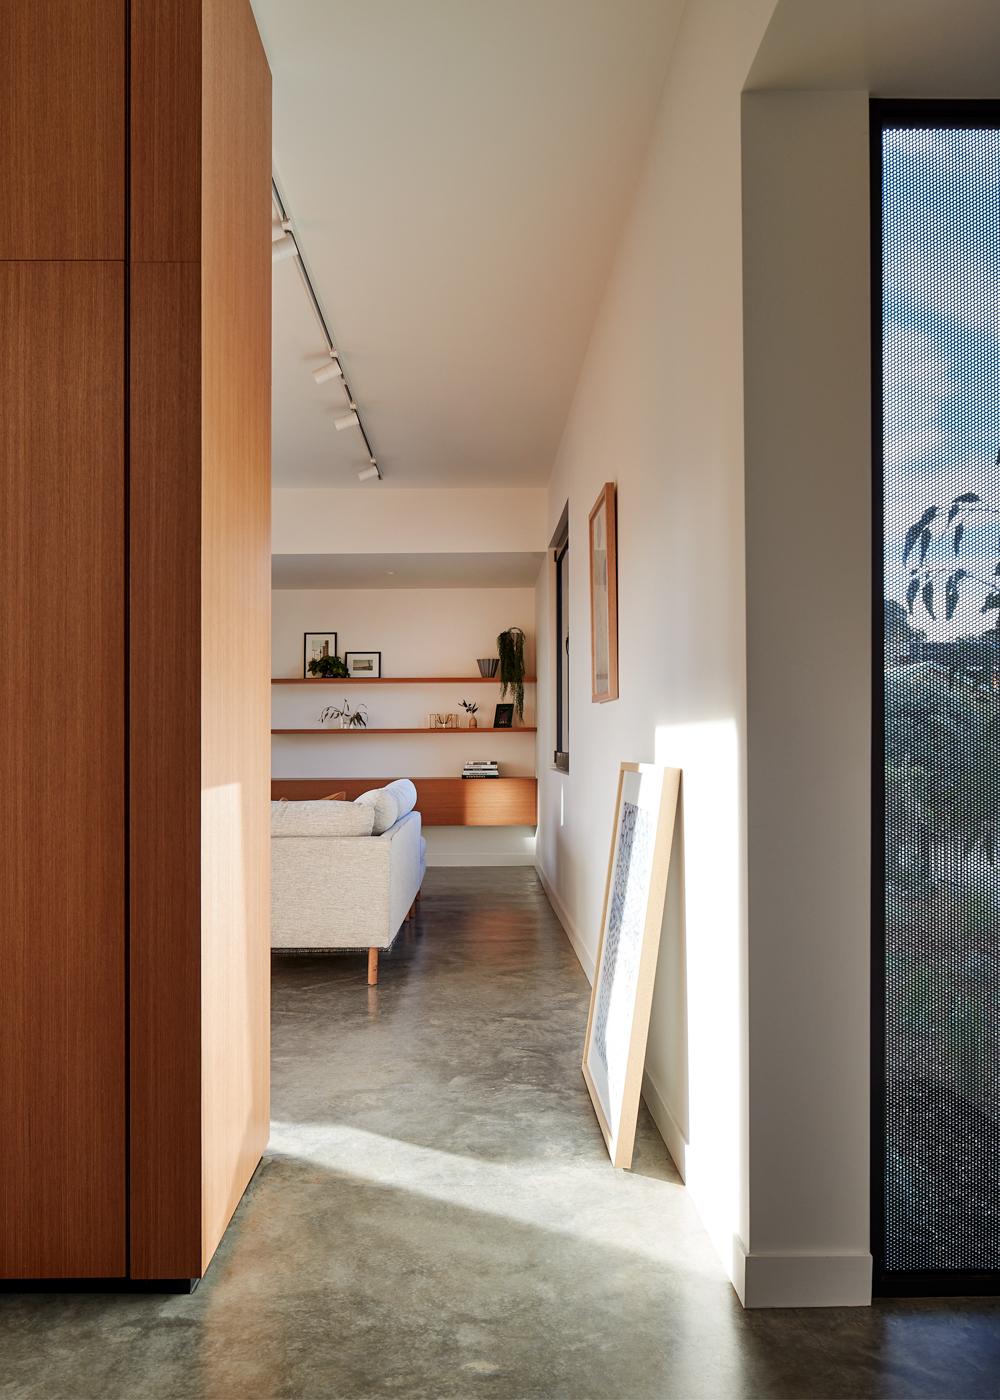 Living spaces in Australia